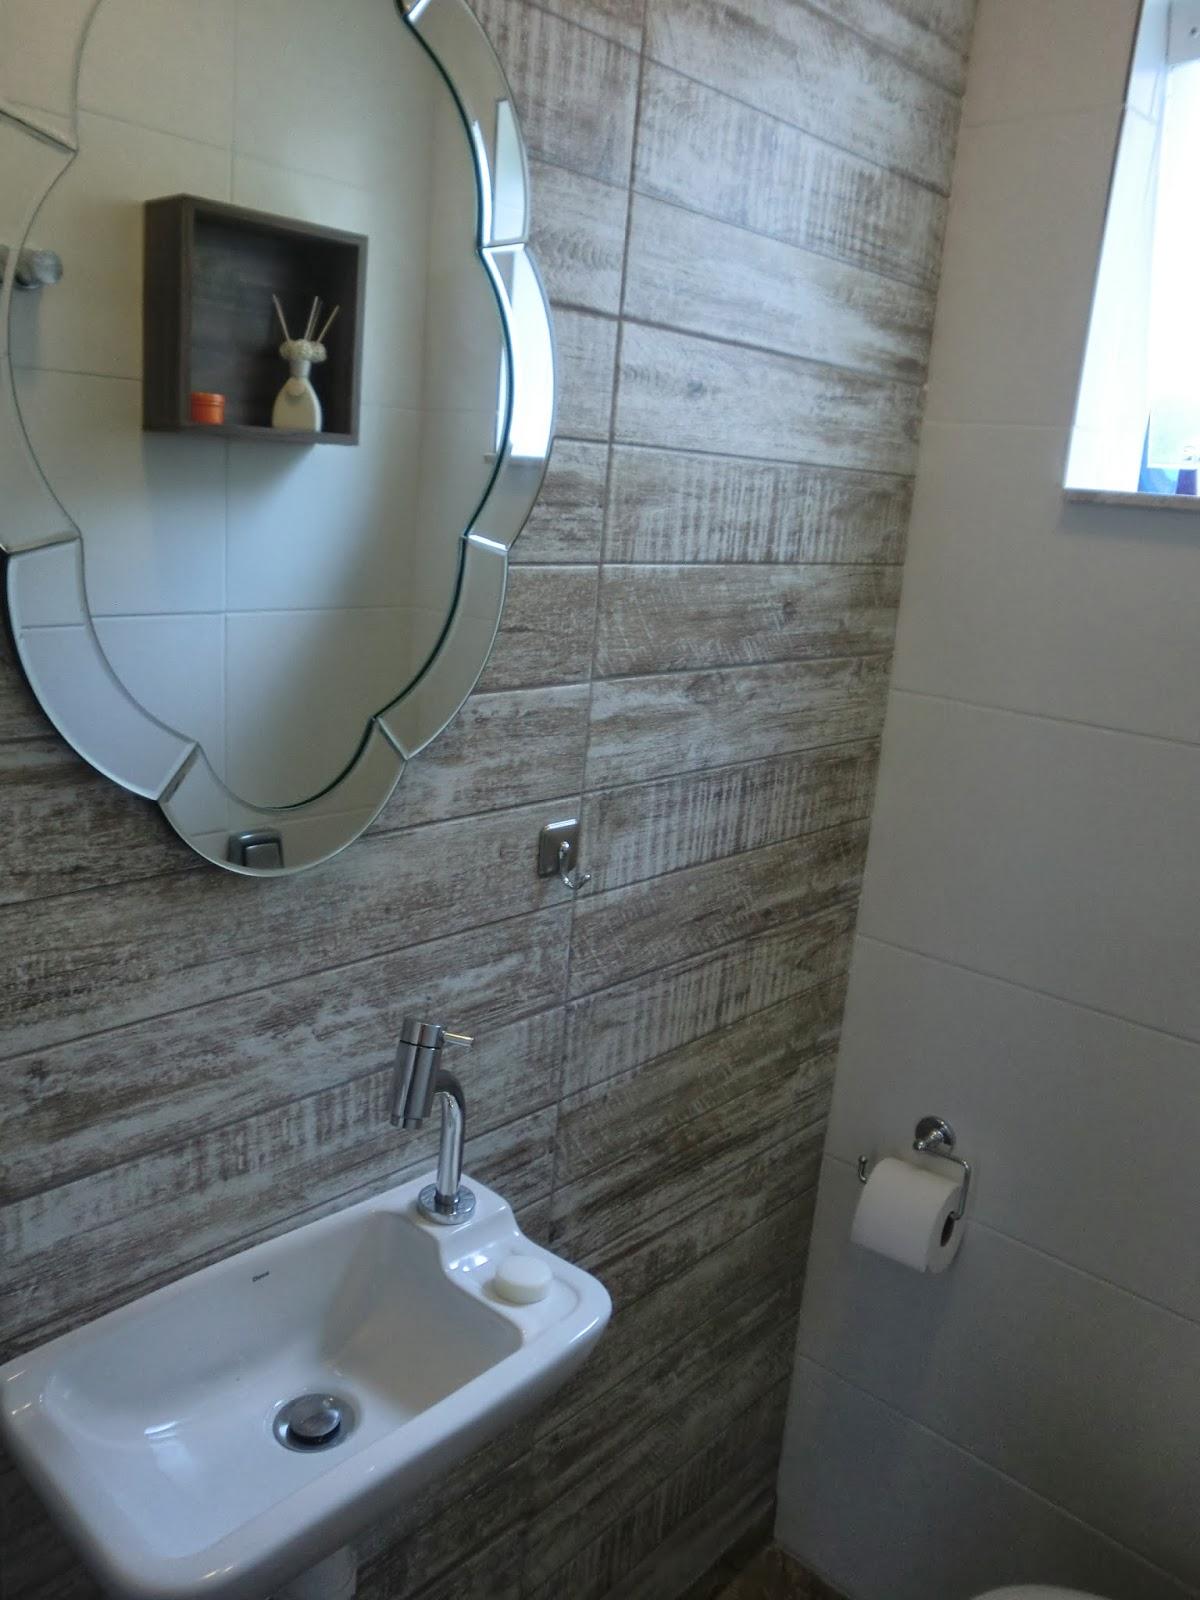 Antes e Depois Reforma de Banheiro Economica Barata Casa e Reforma #3A7091 1200x1600 Balança De Banheiro Barata